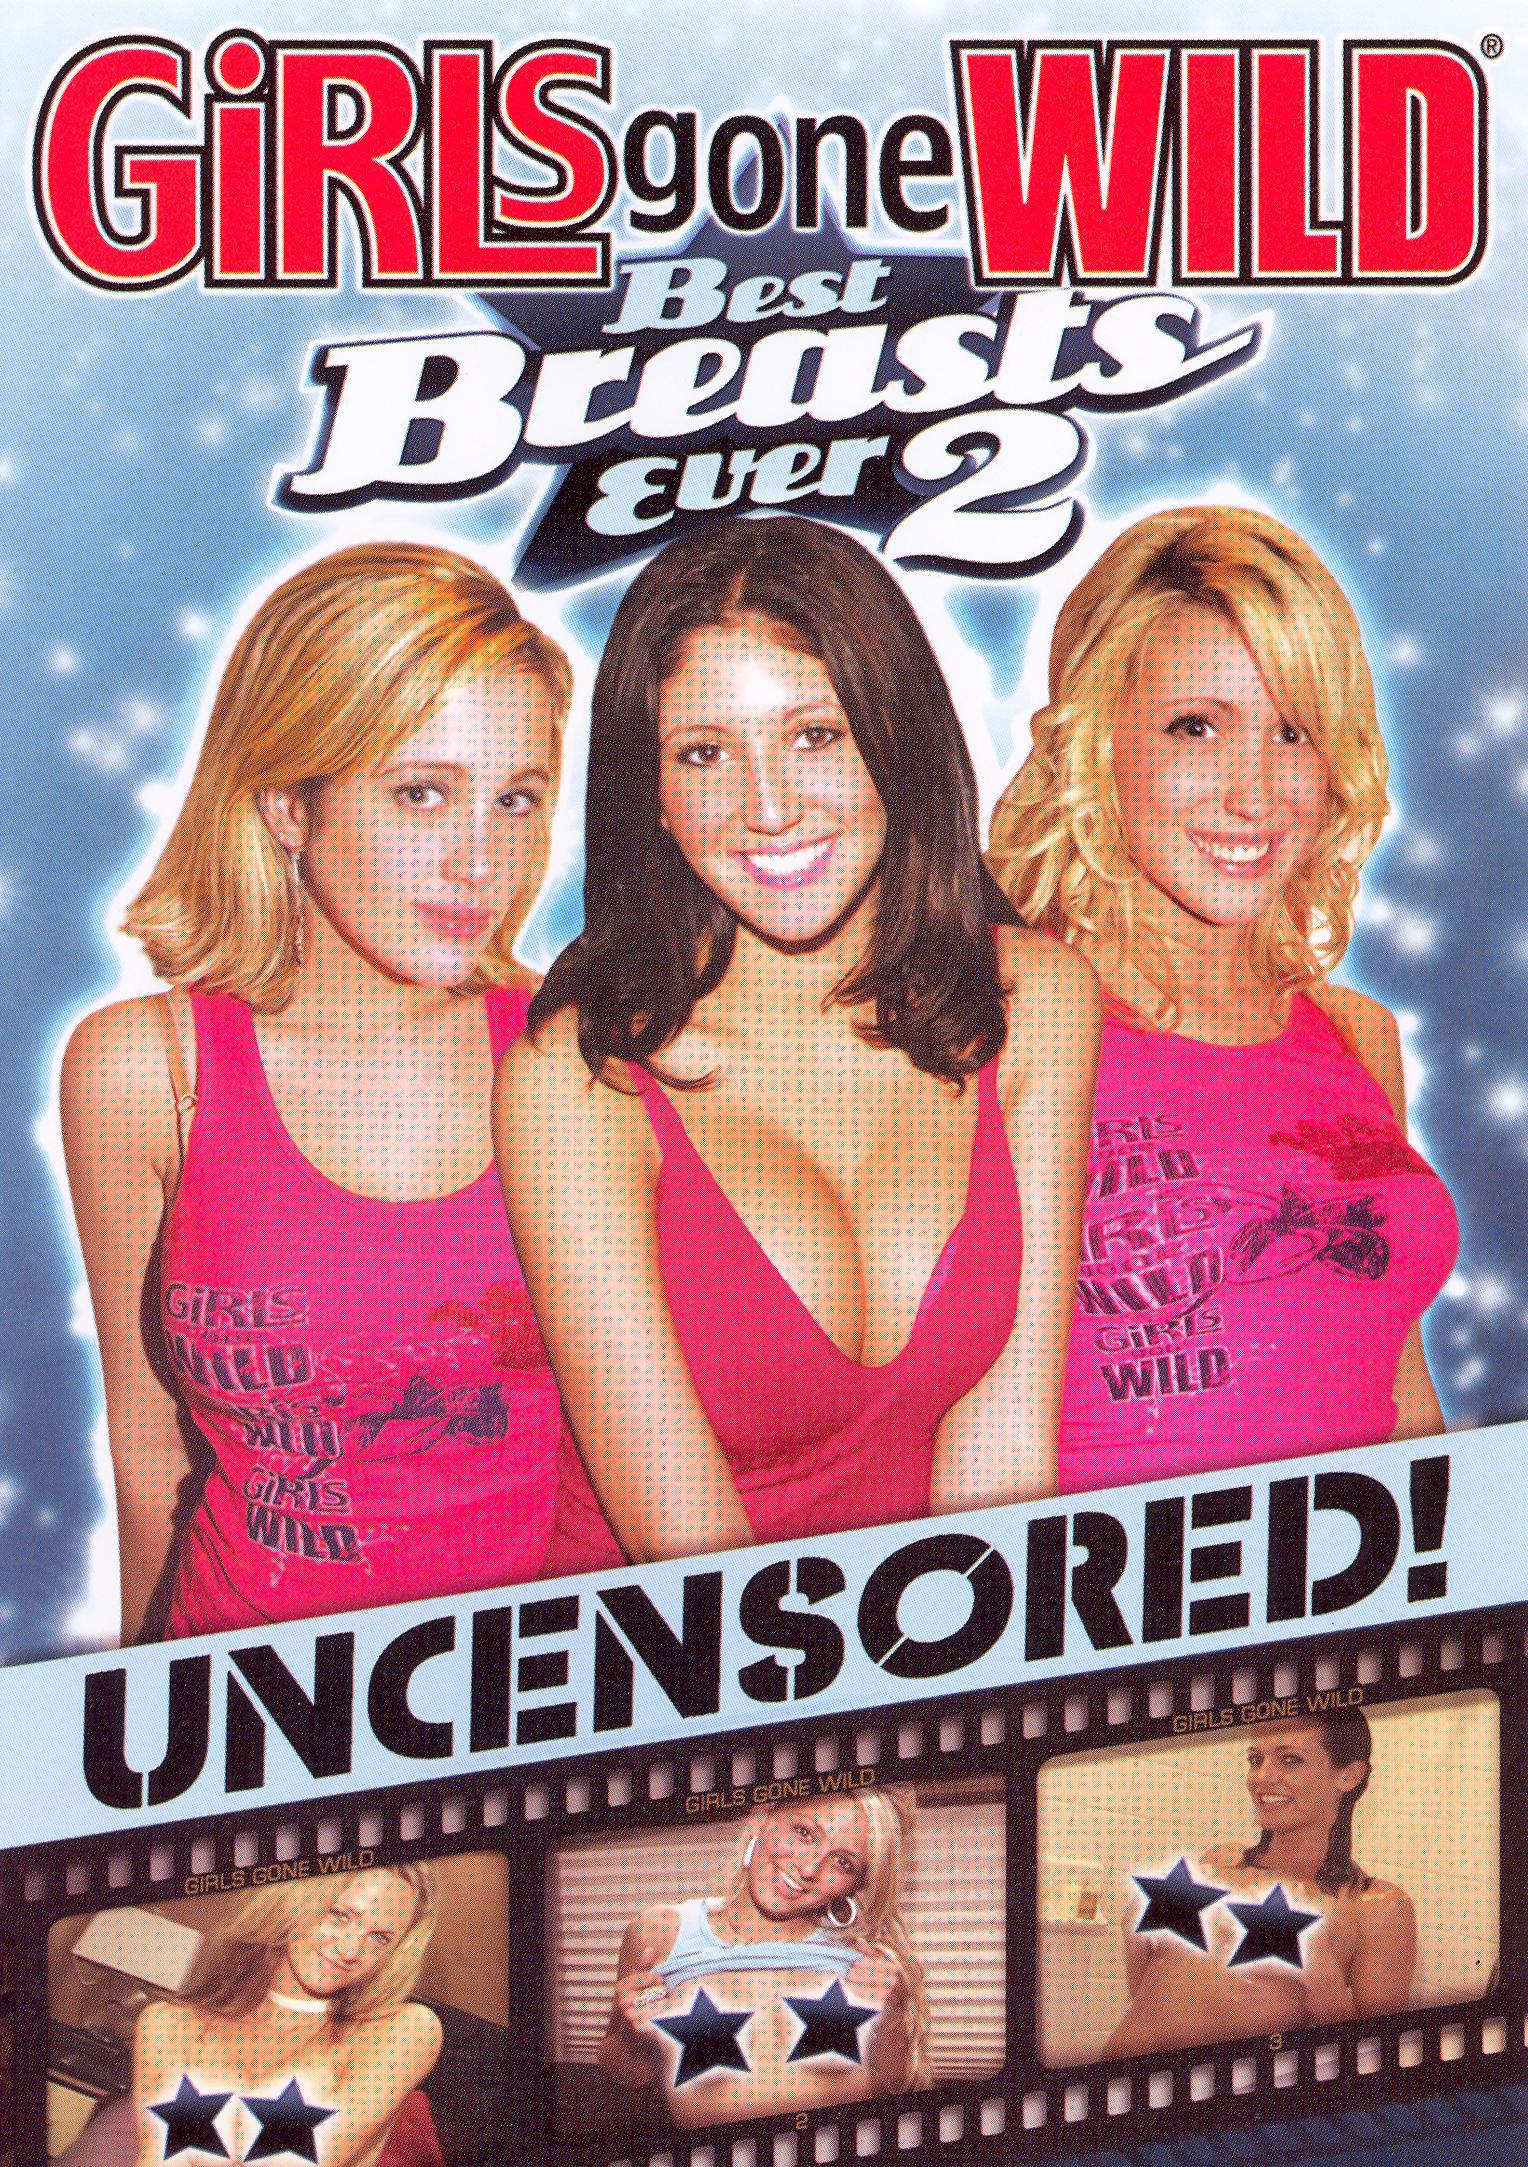 Girls gone wild best breast